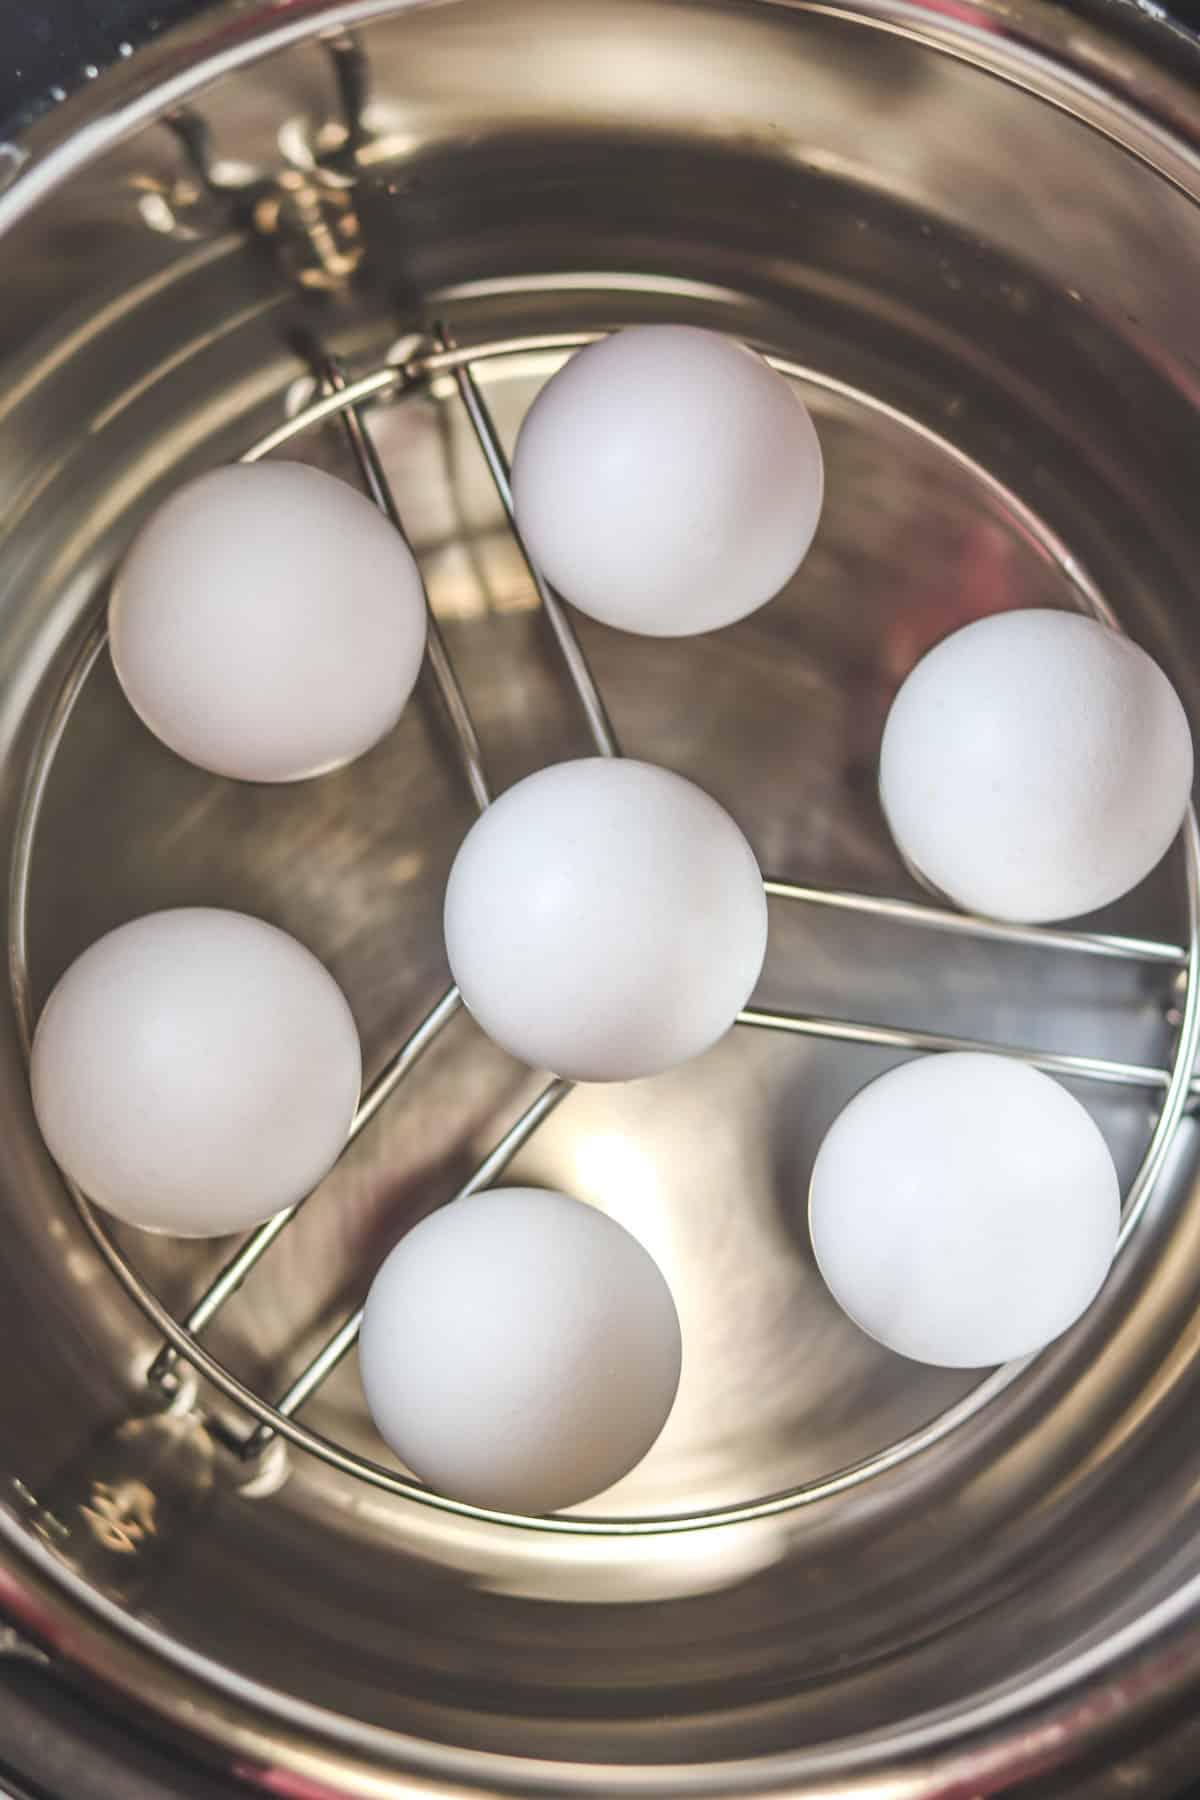 eggs on egg trav in instant pot